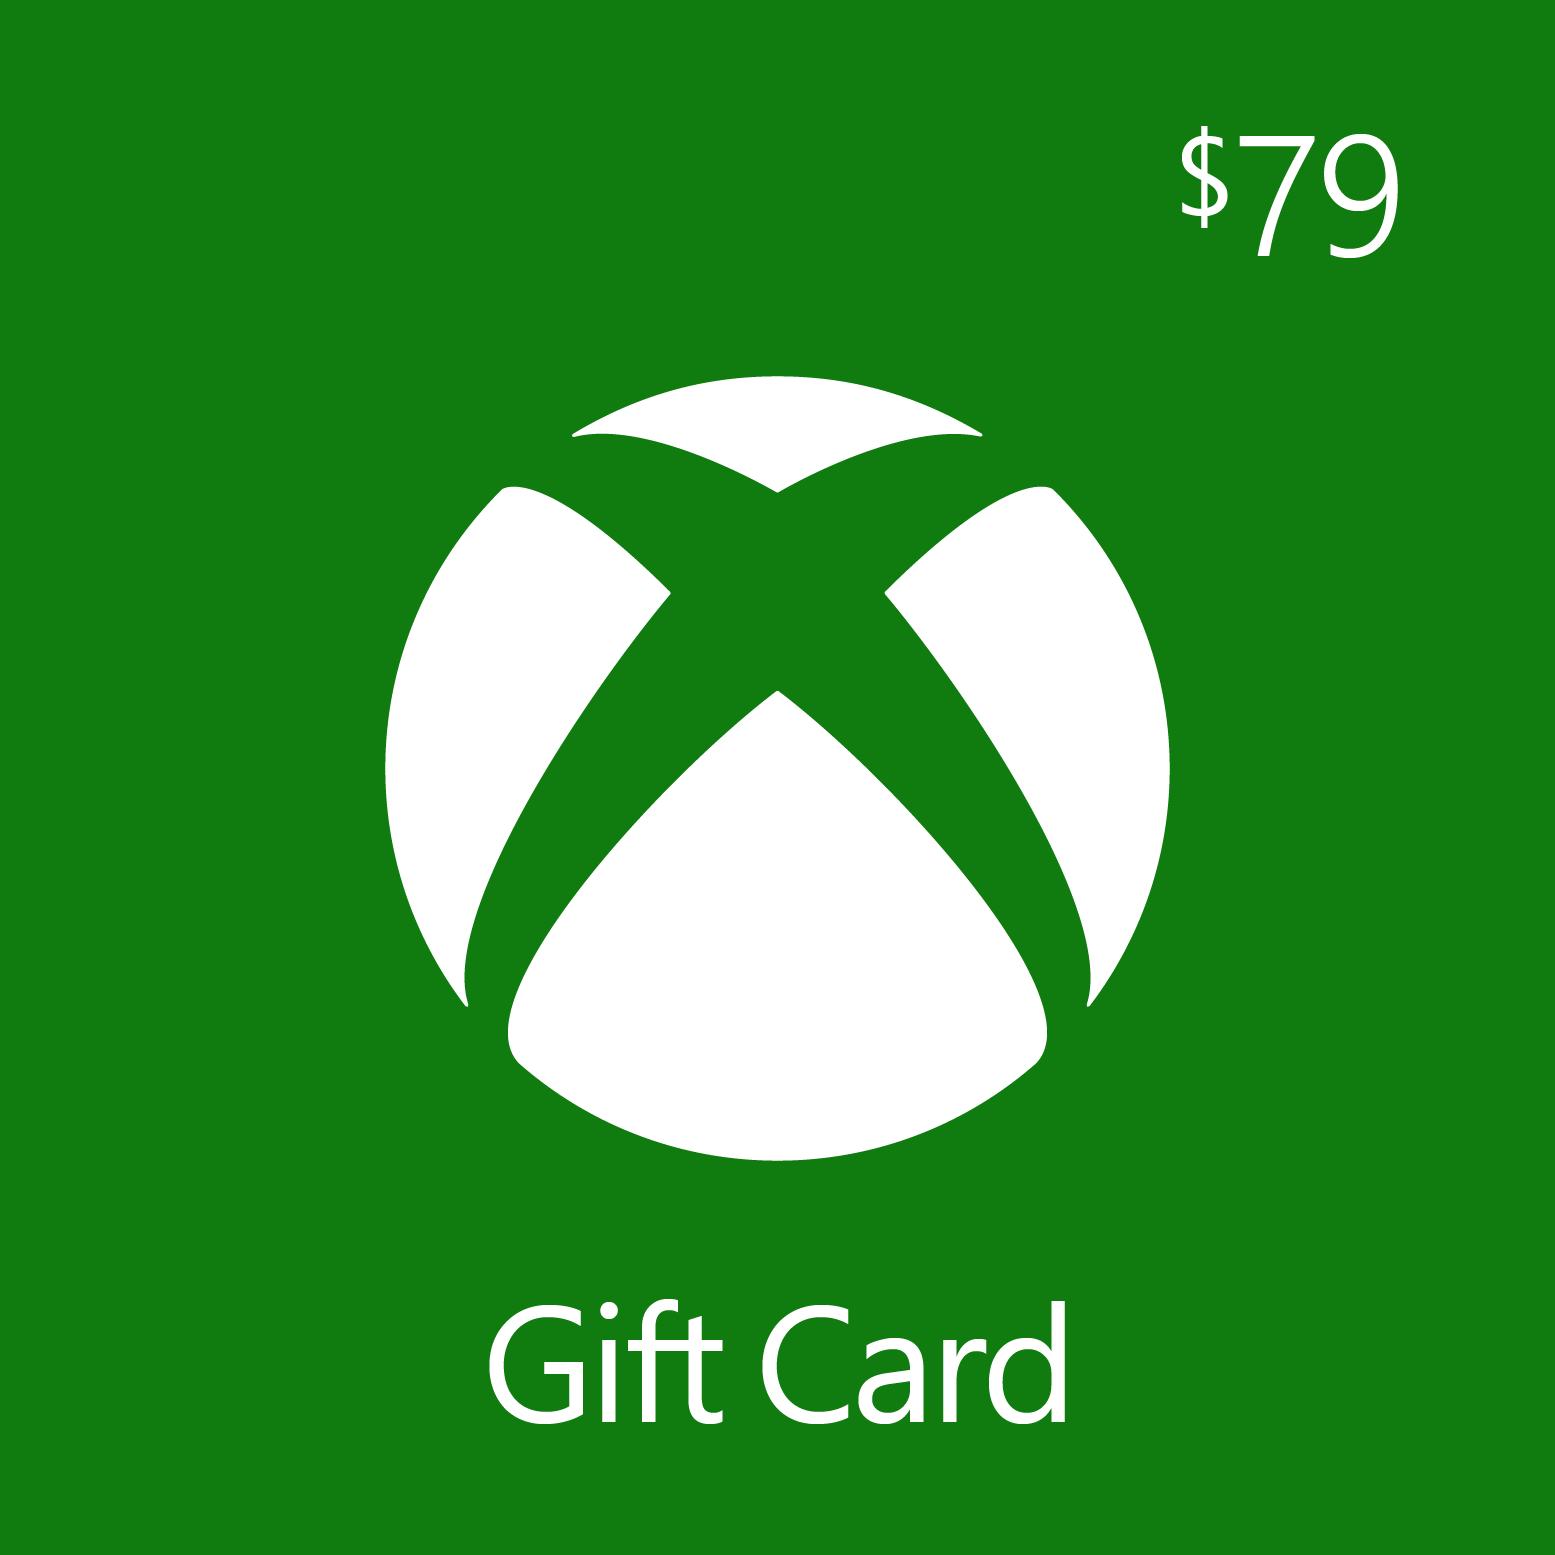 $79.00 Xbox Digital Gift Card